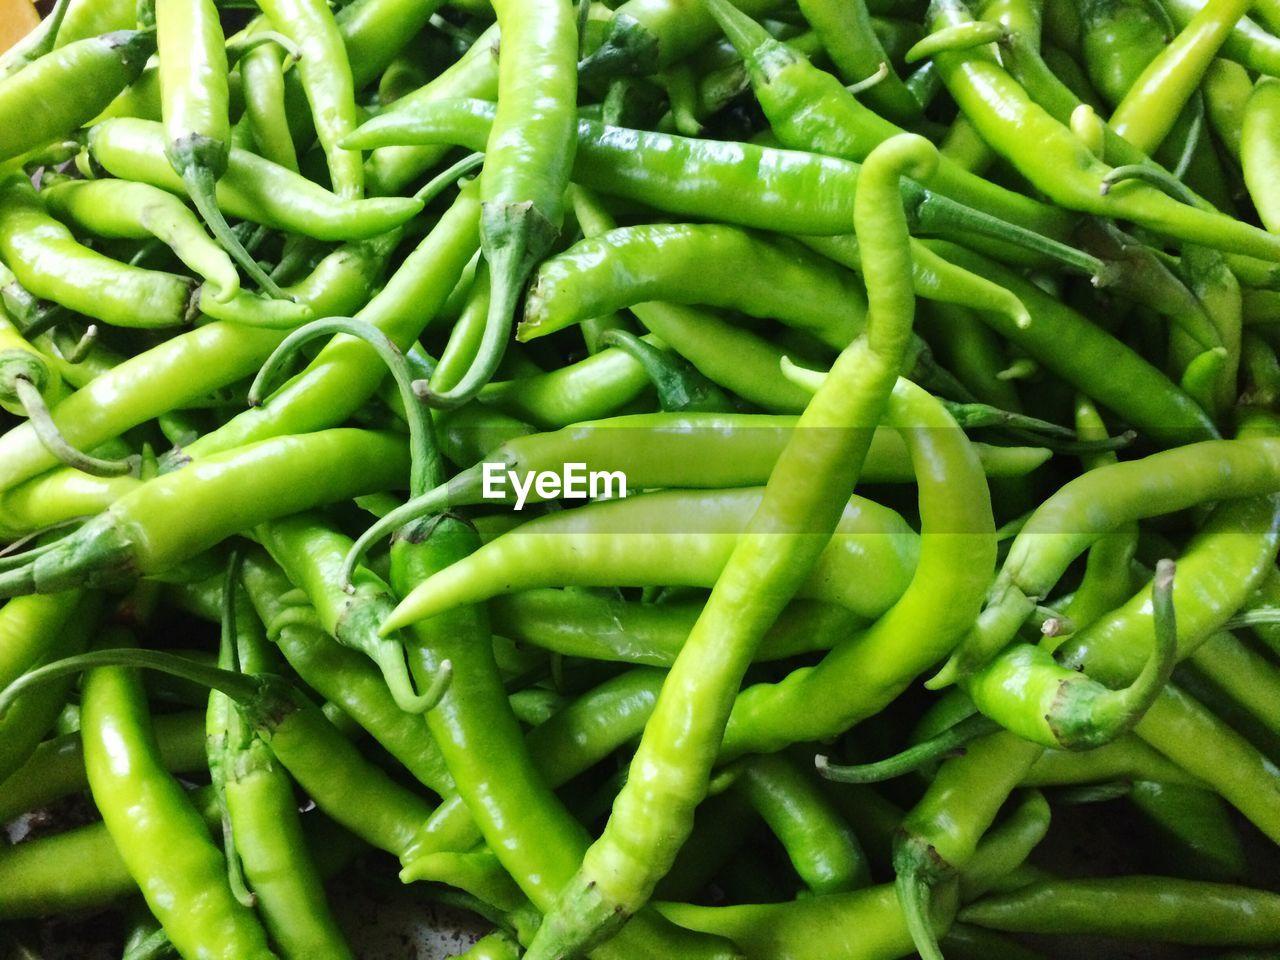 FULL FRAME SHOT OF FRESH GREEN VEGETABLES